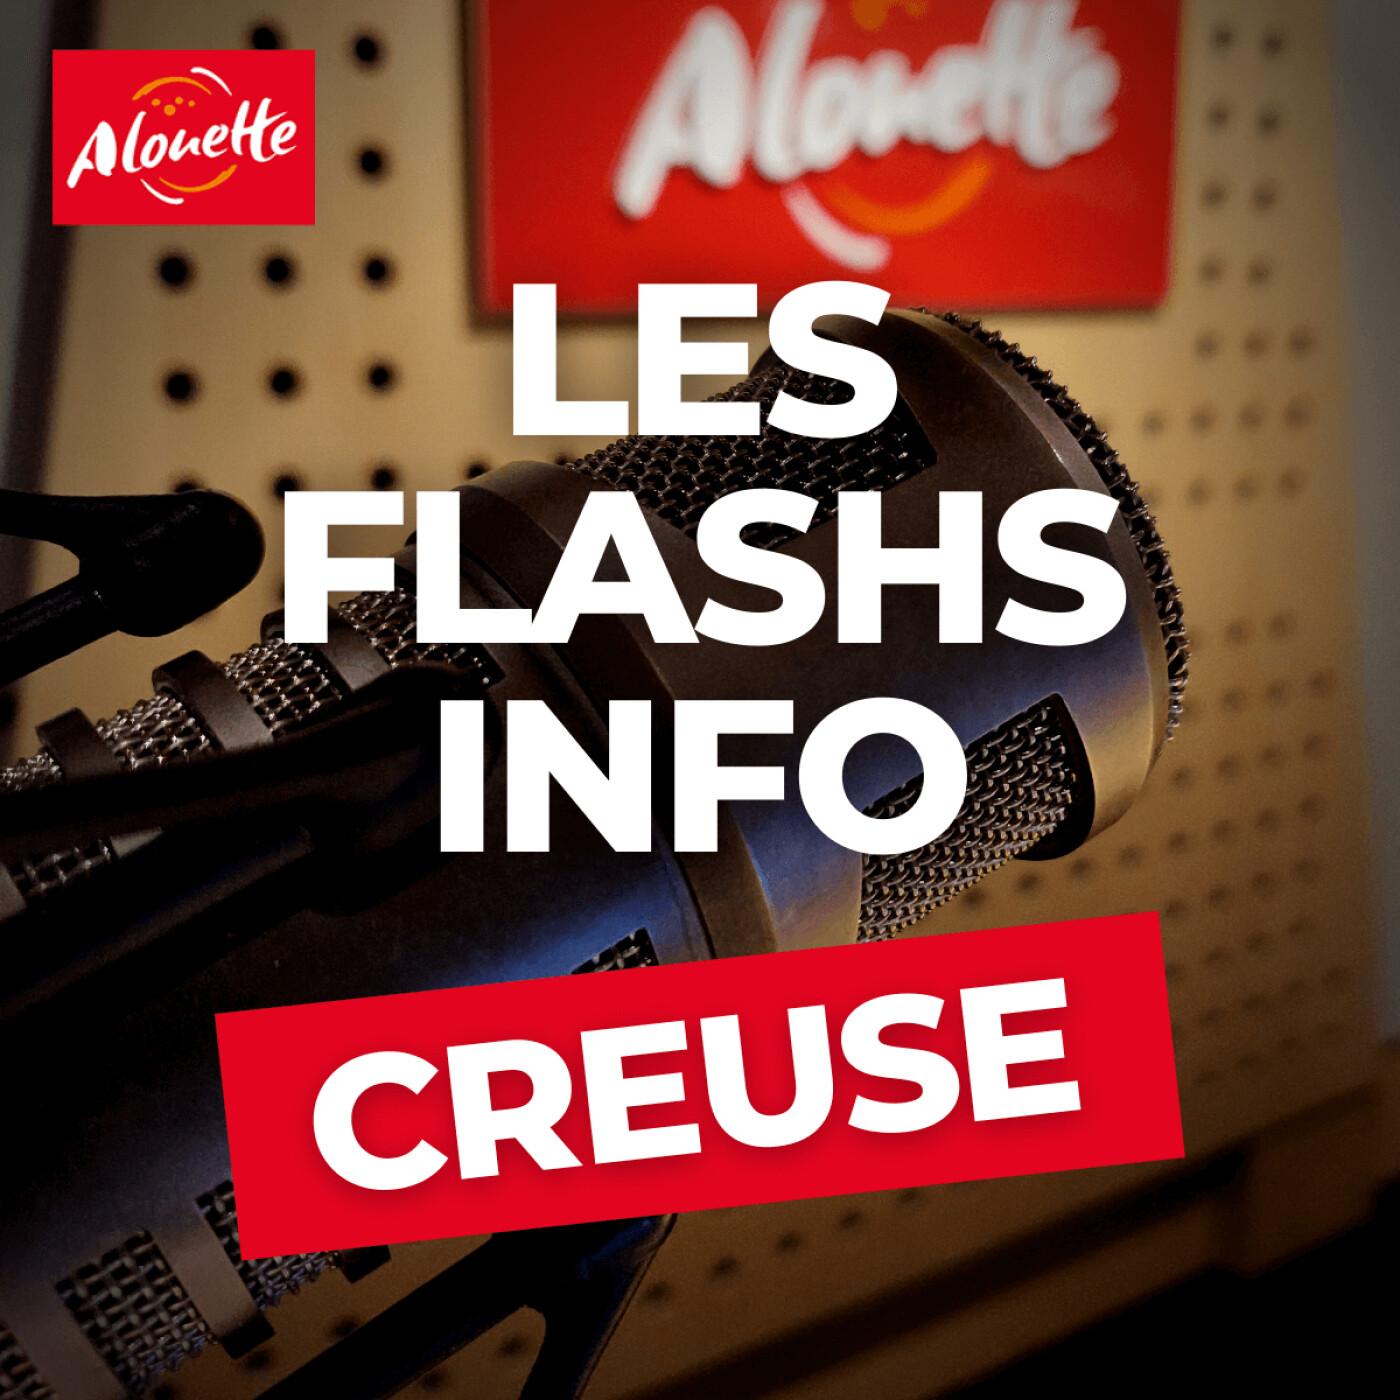 Alouette - Les Infos du 17 Septembre 05h30 en Creuse.